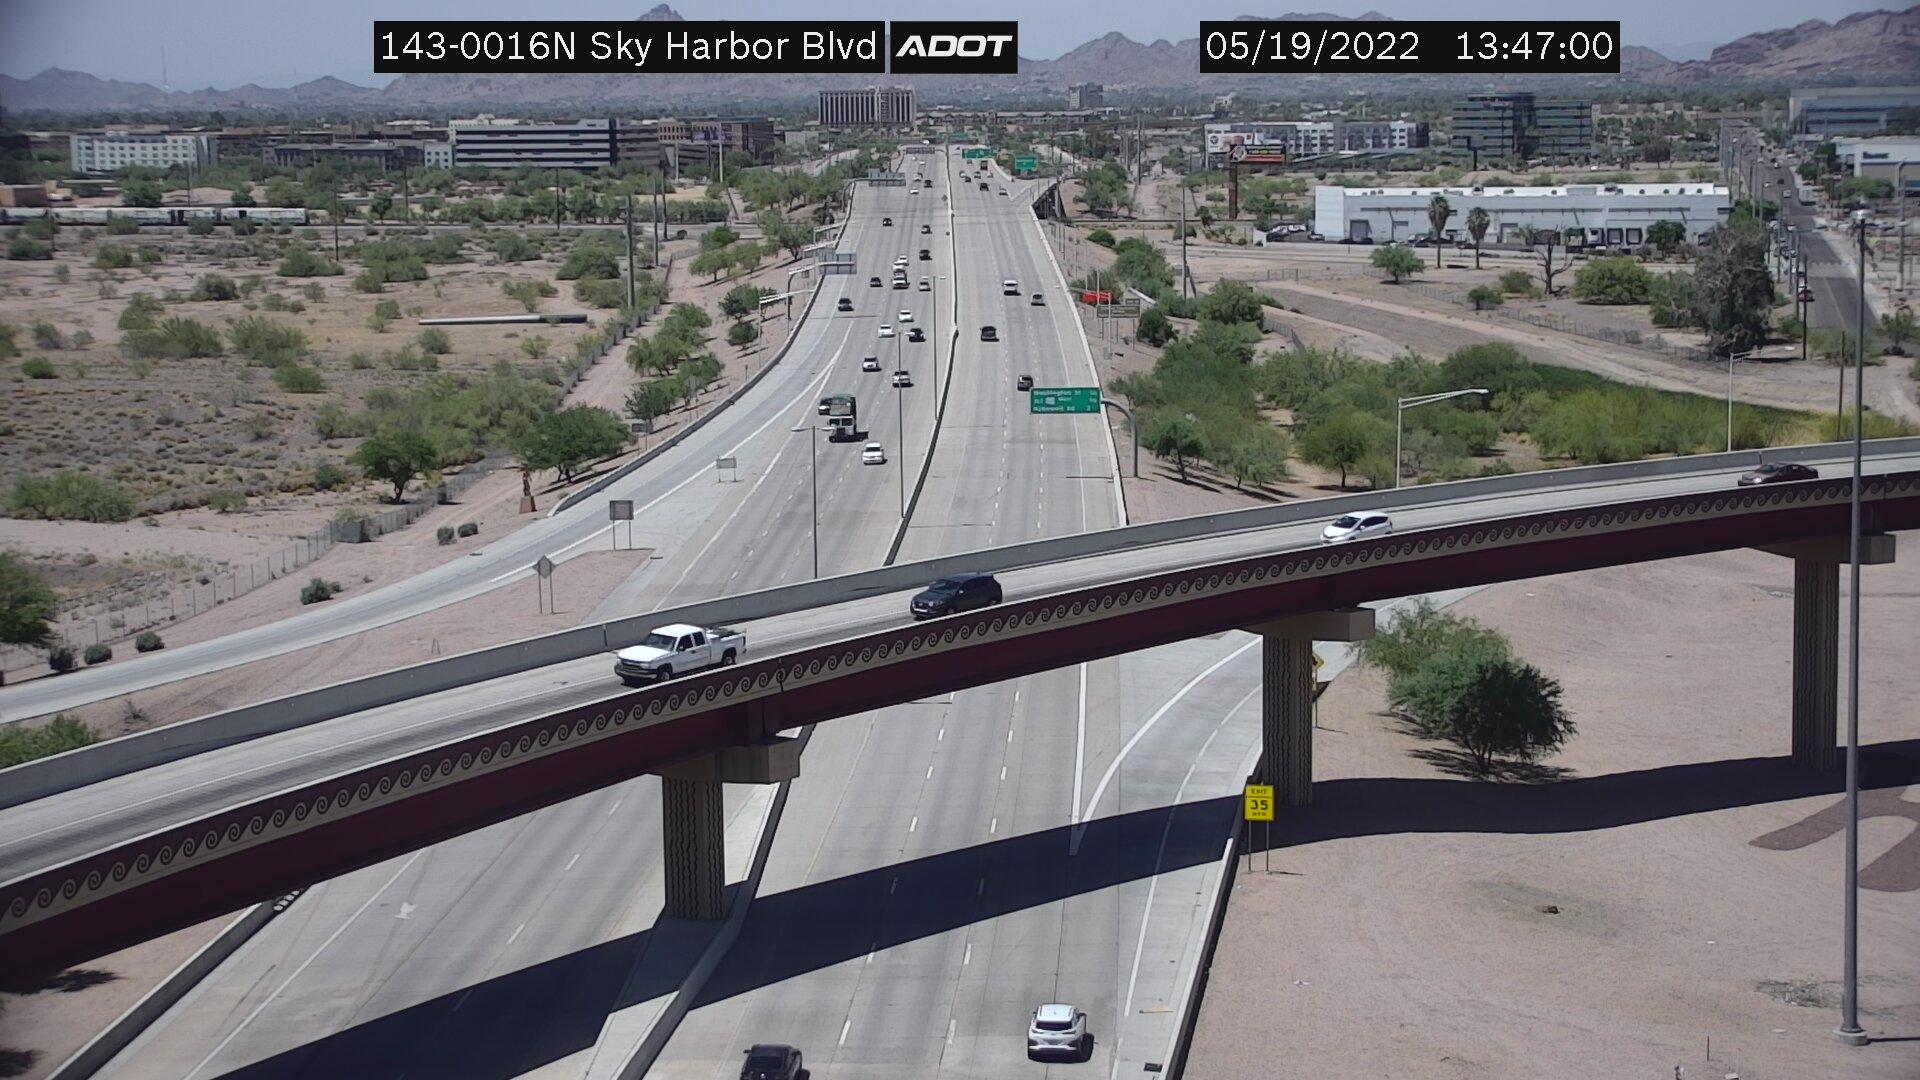 Washington SB (SR143) (095) - Phoenix and Arizona